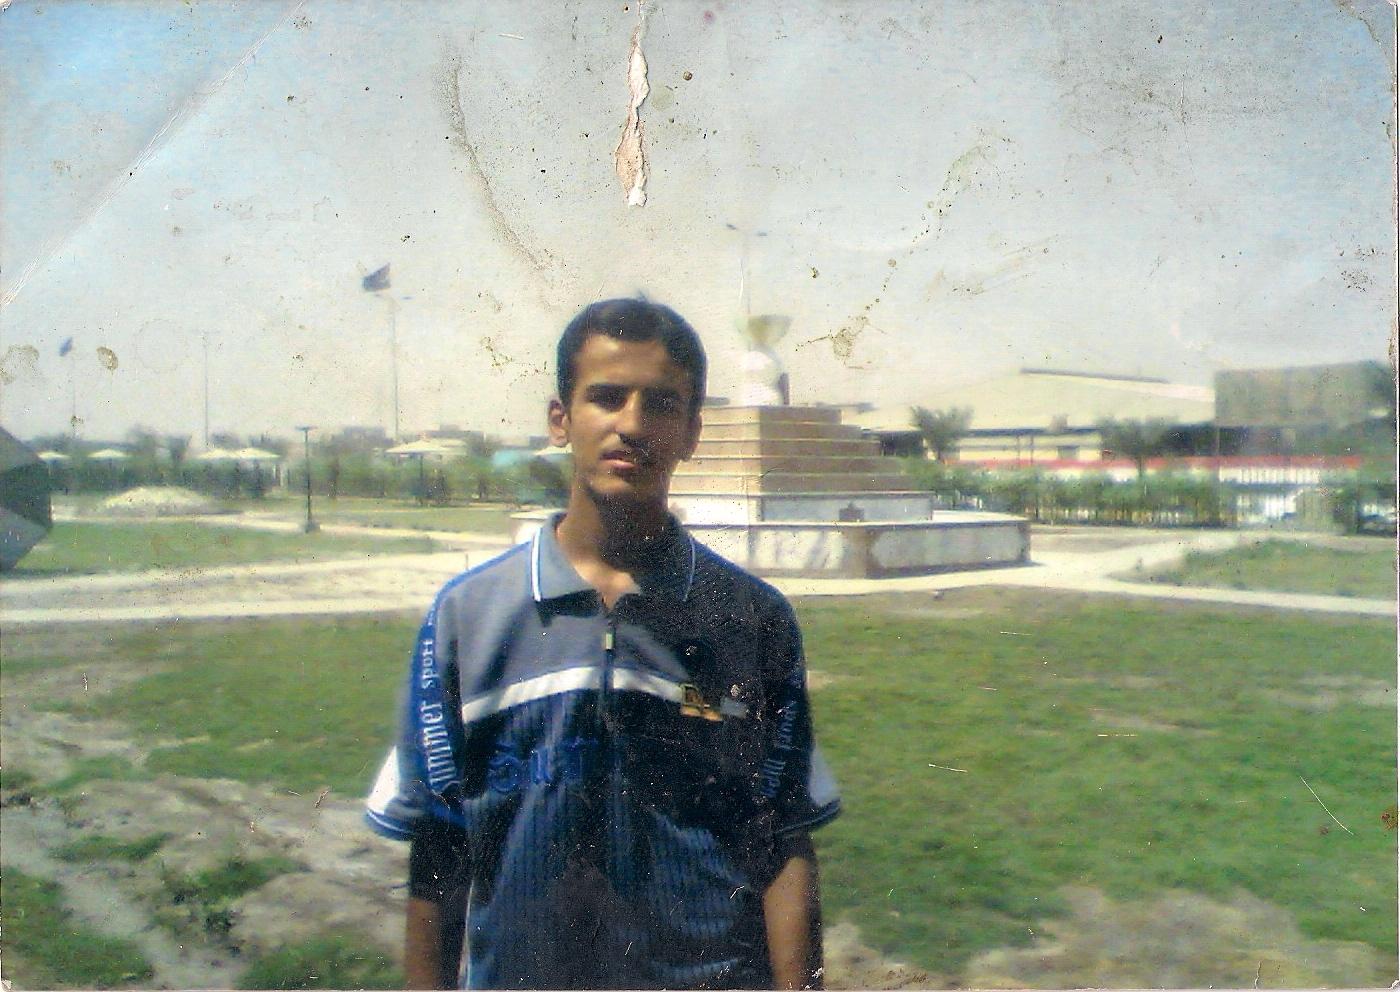 حسين الدراجي اولاد حسين الدراجي FILE198